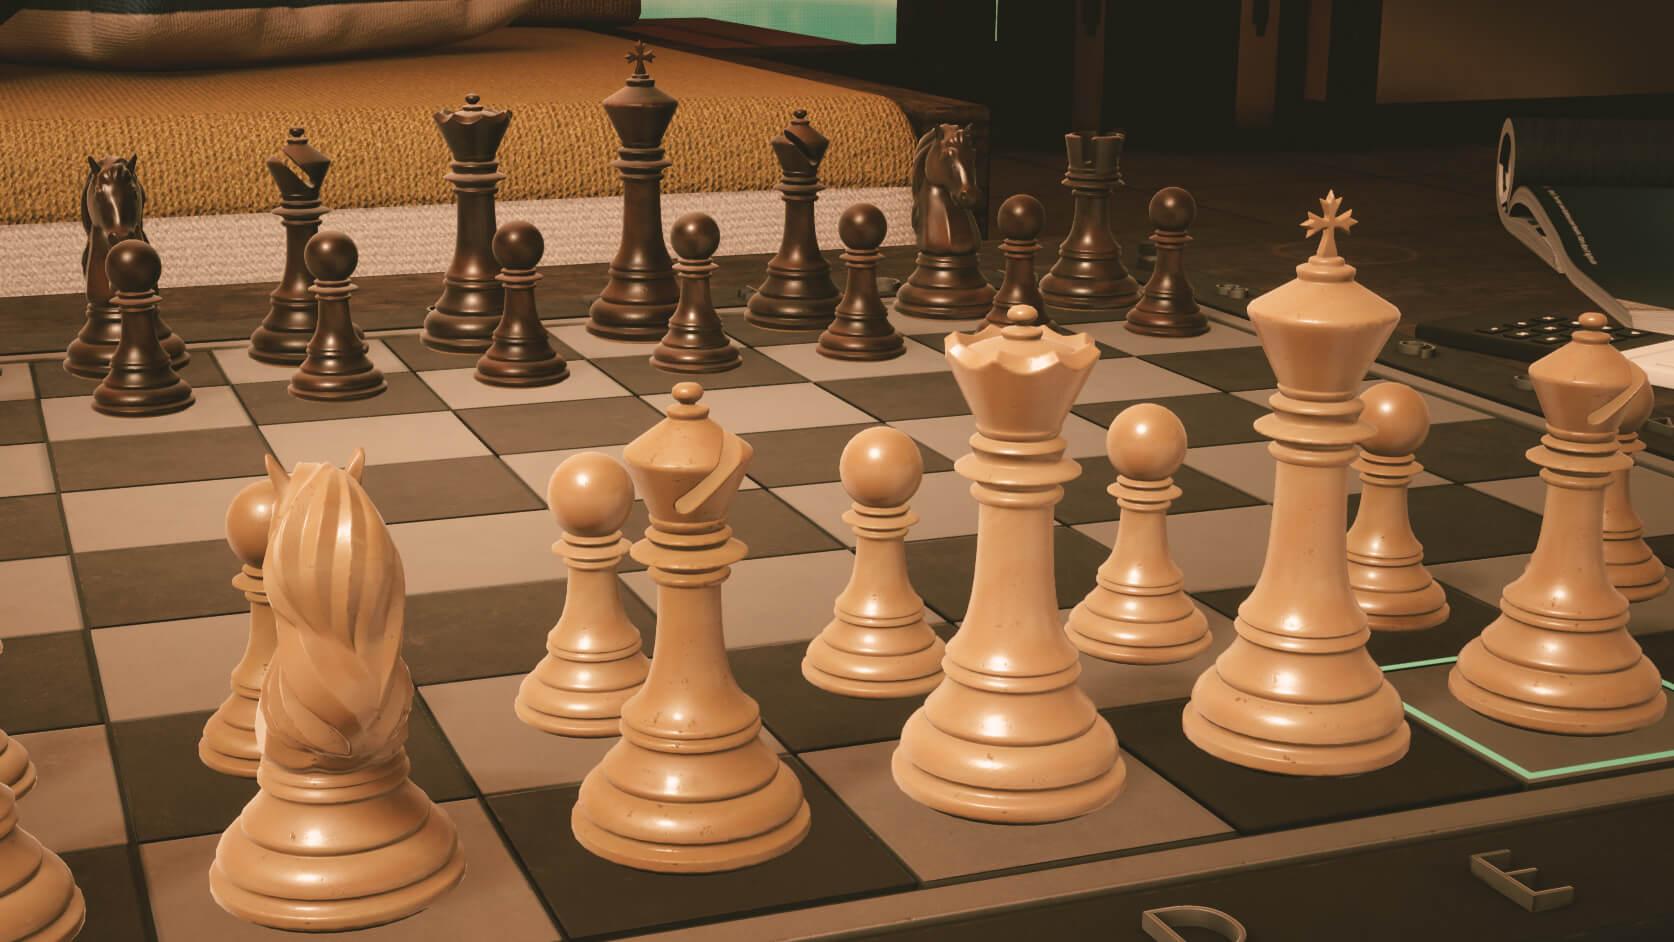 Обучение шахматам компьютерам бесплатно дежурный по переезду обучение в украине